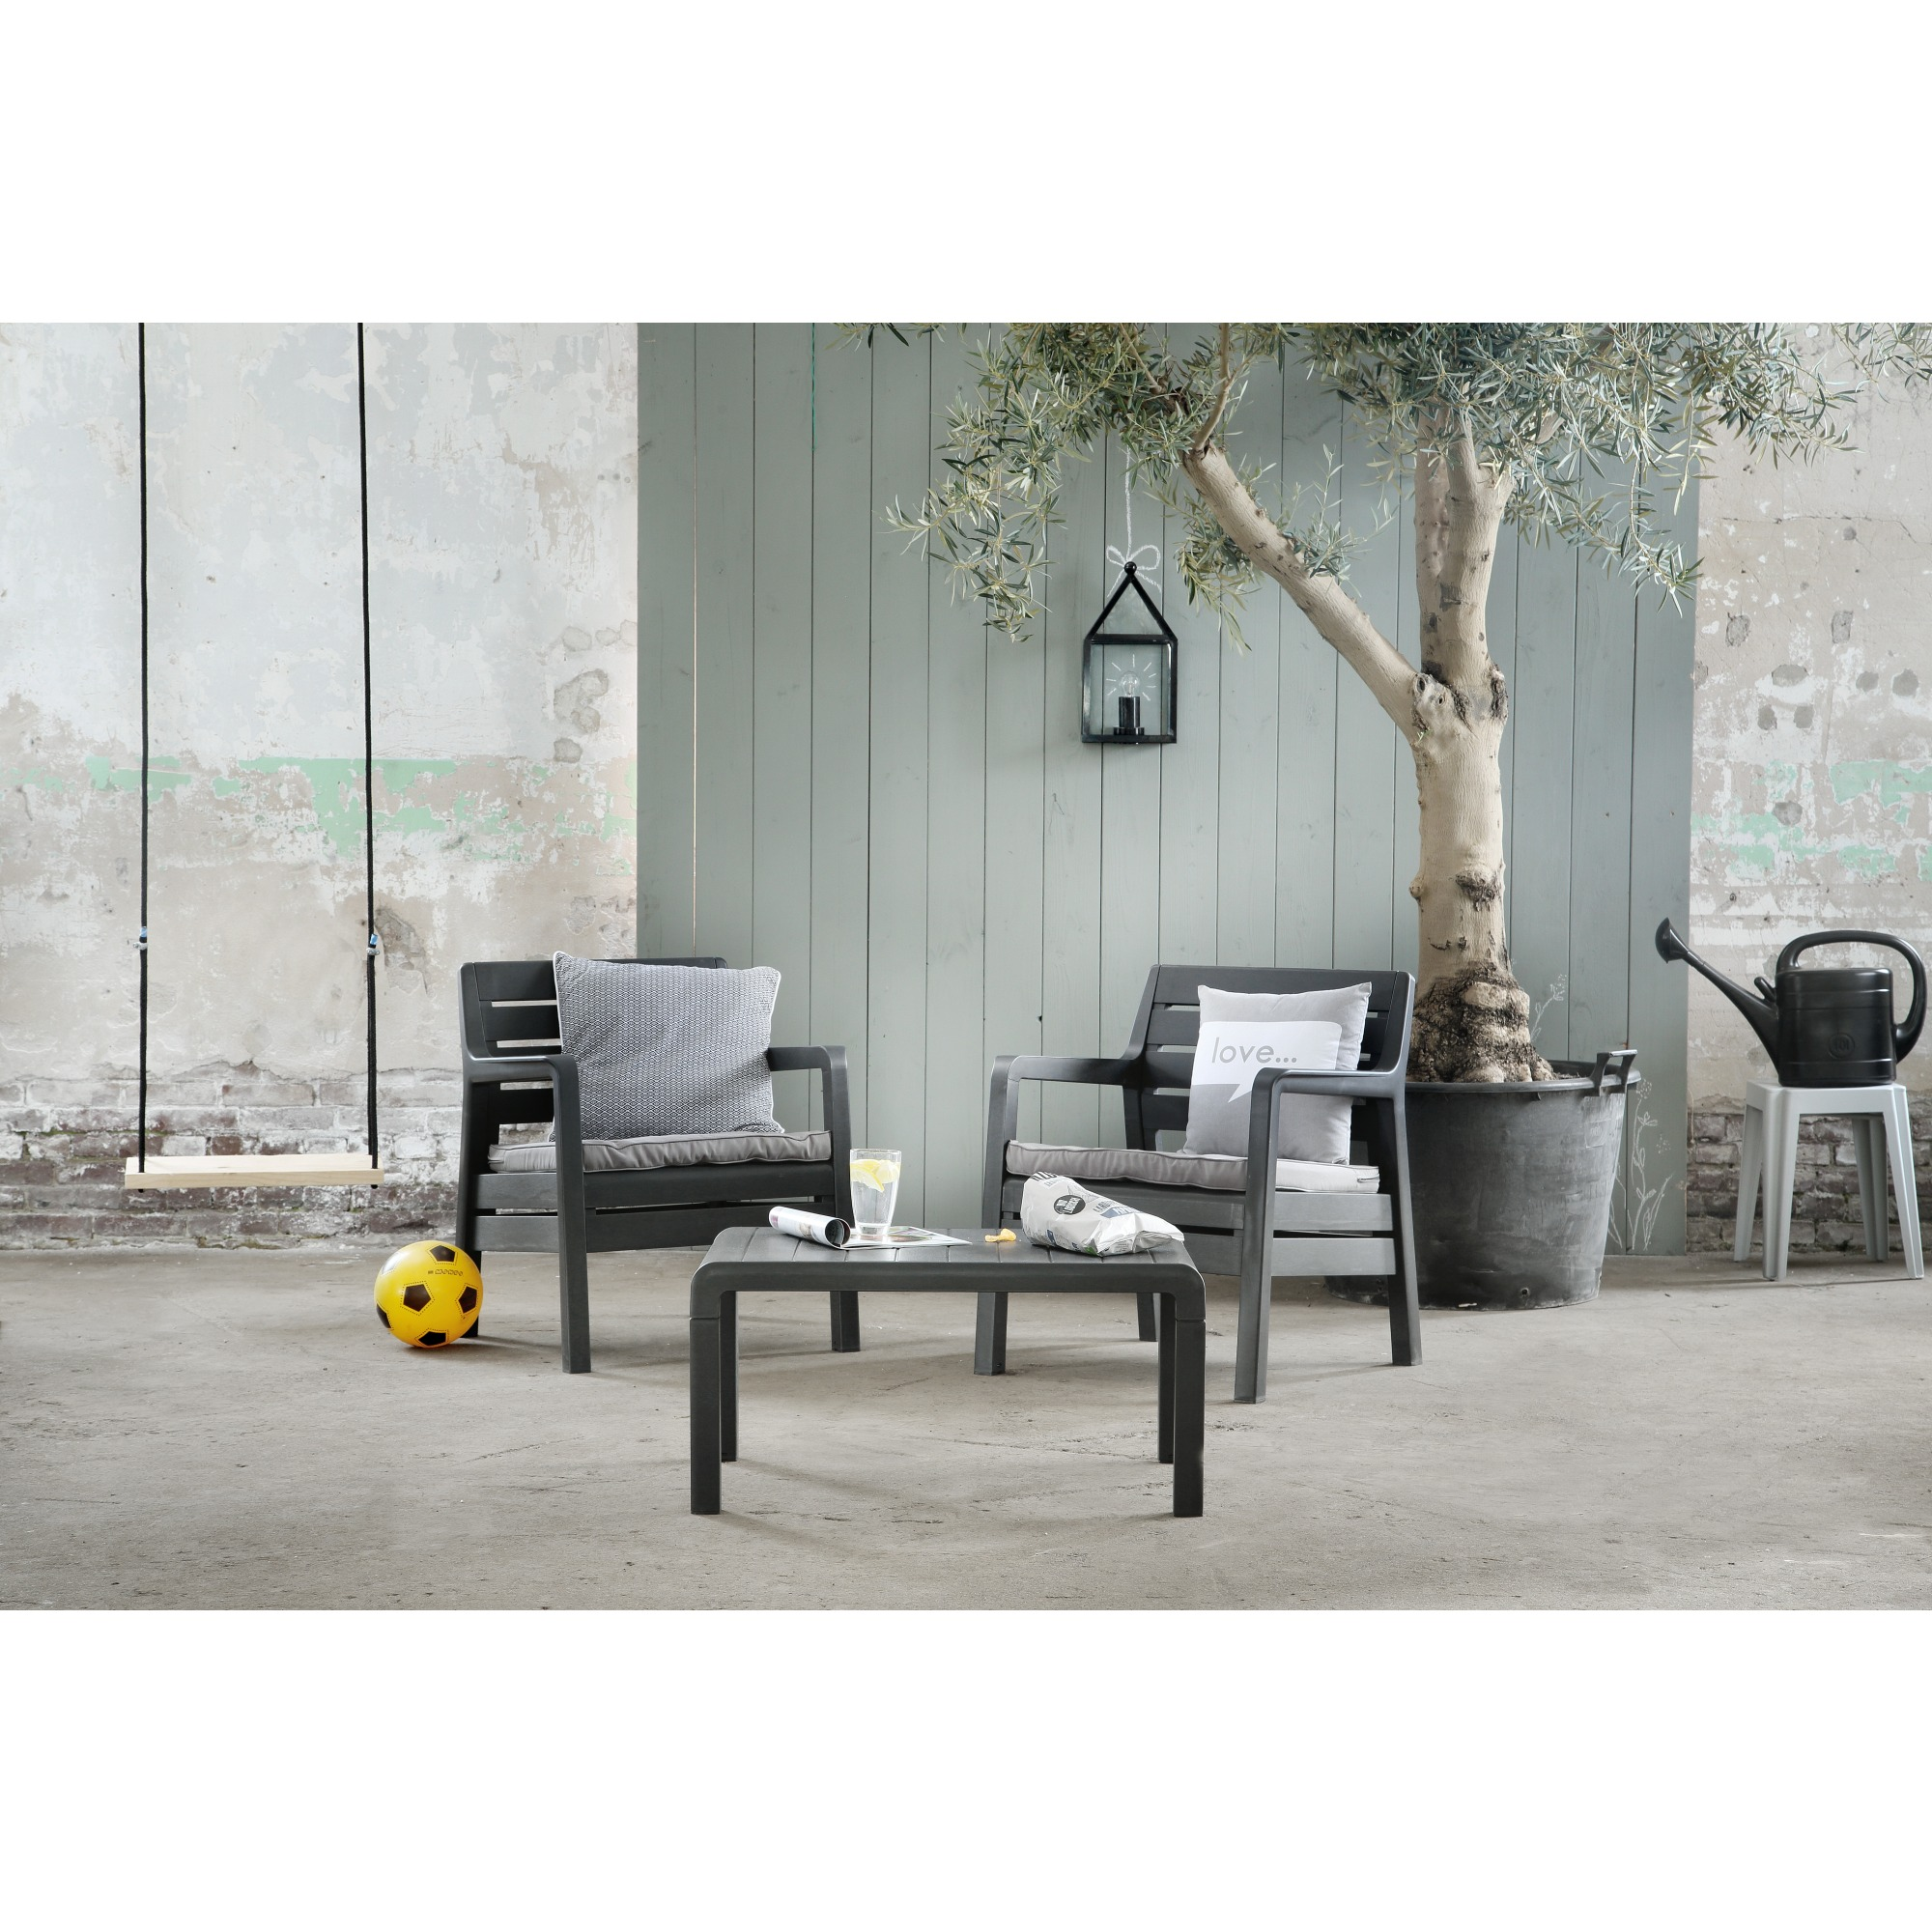 ensemble lounge delano balcony allibert graphite chaises fauteuils de jardin meubles de. Black Bedroom Furniture Sets. Home Design Ideas